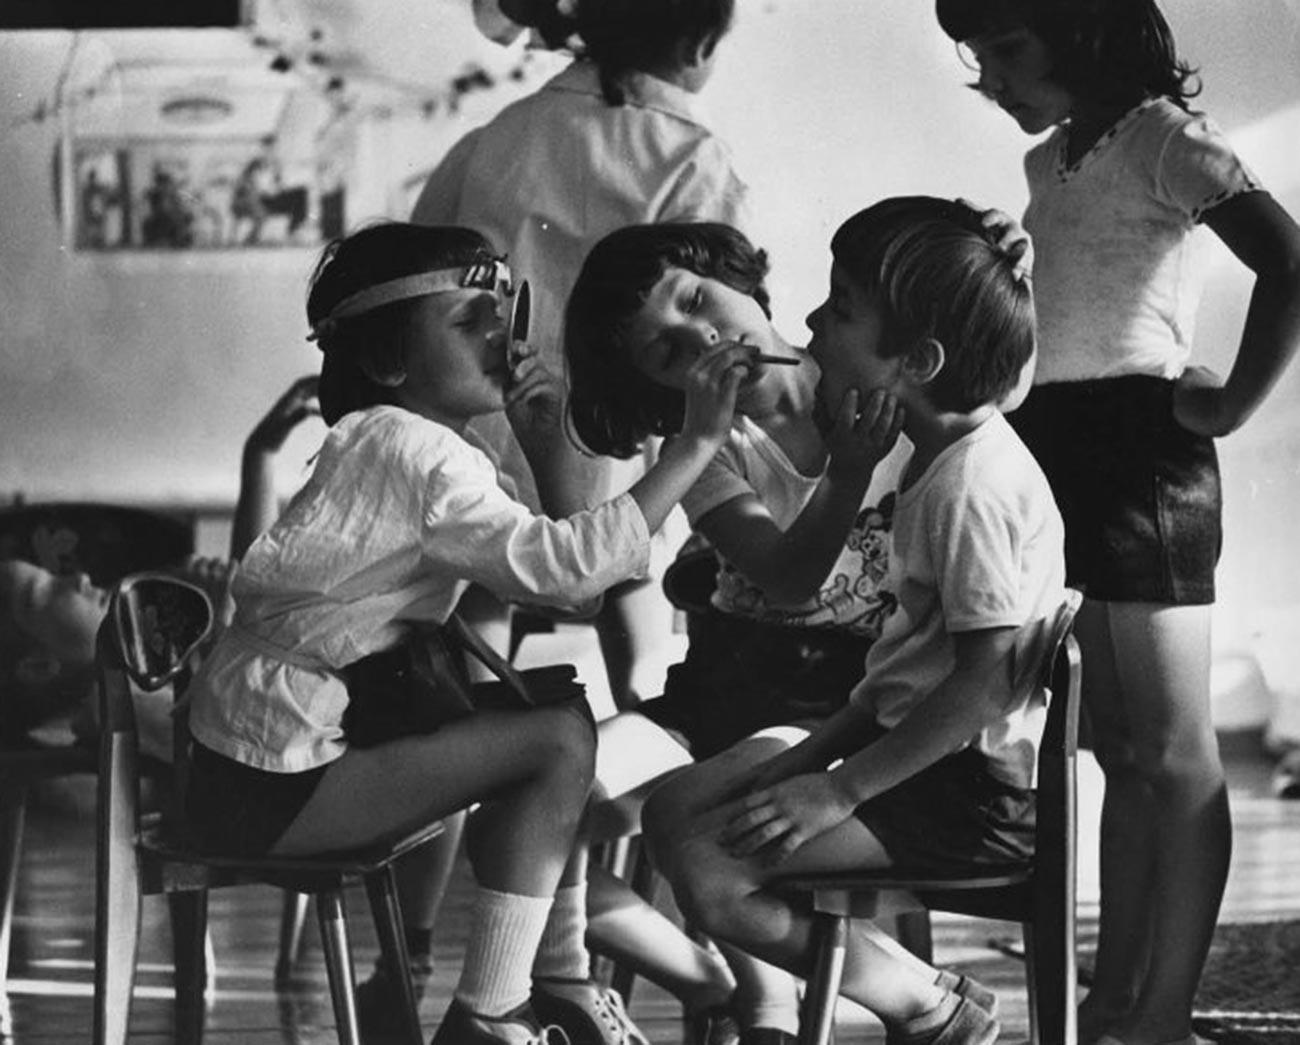 Des enfants jouant au dentiste dans un jardin d'enfants, 1985